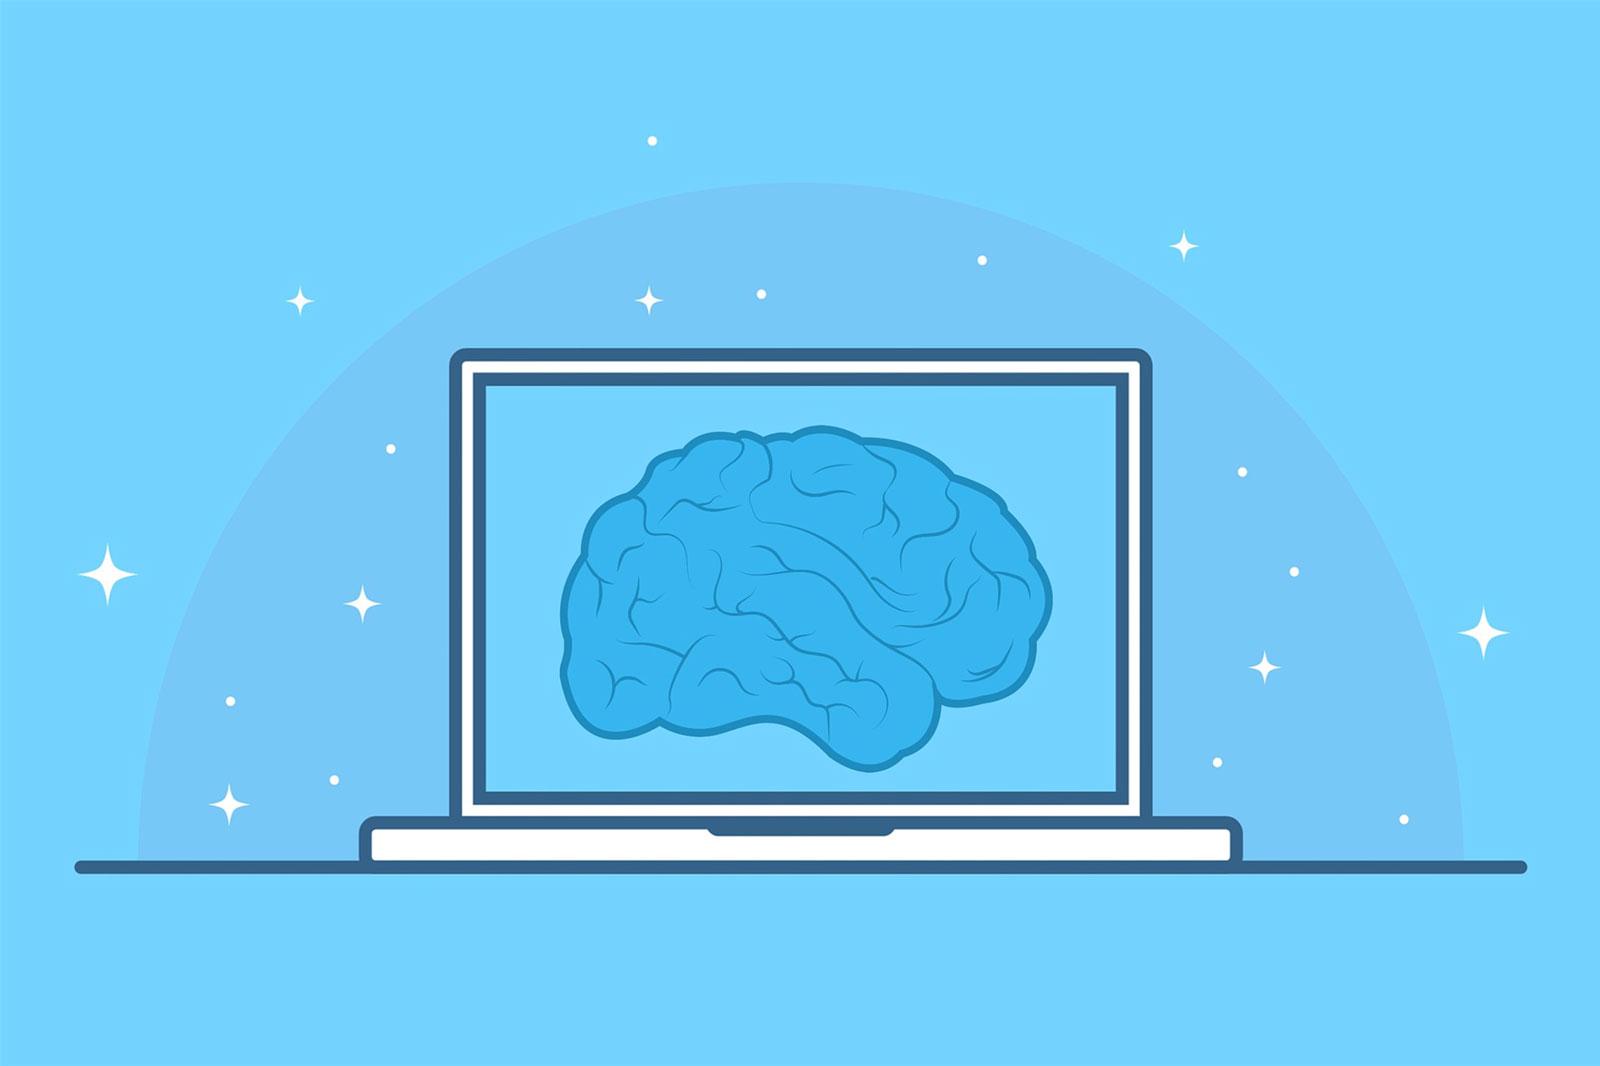 Machine Learning ¿Qué es y cómo funciona?